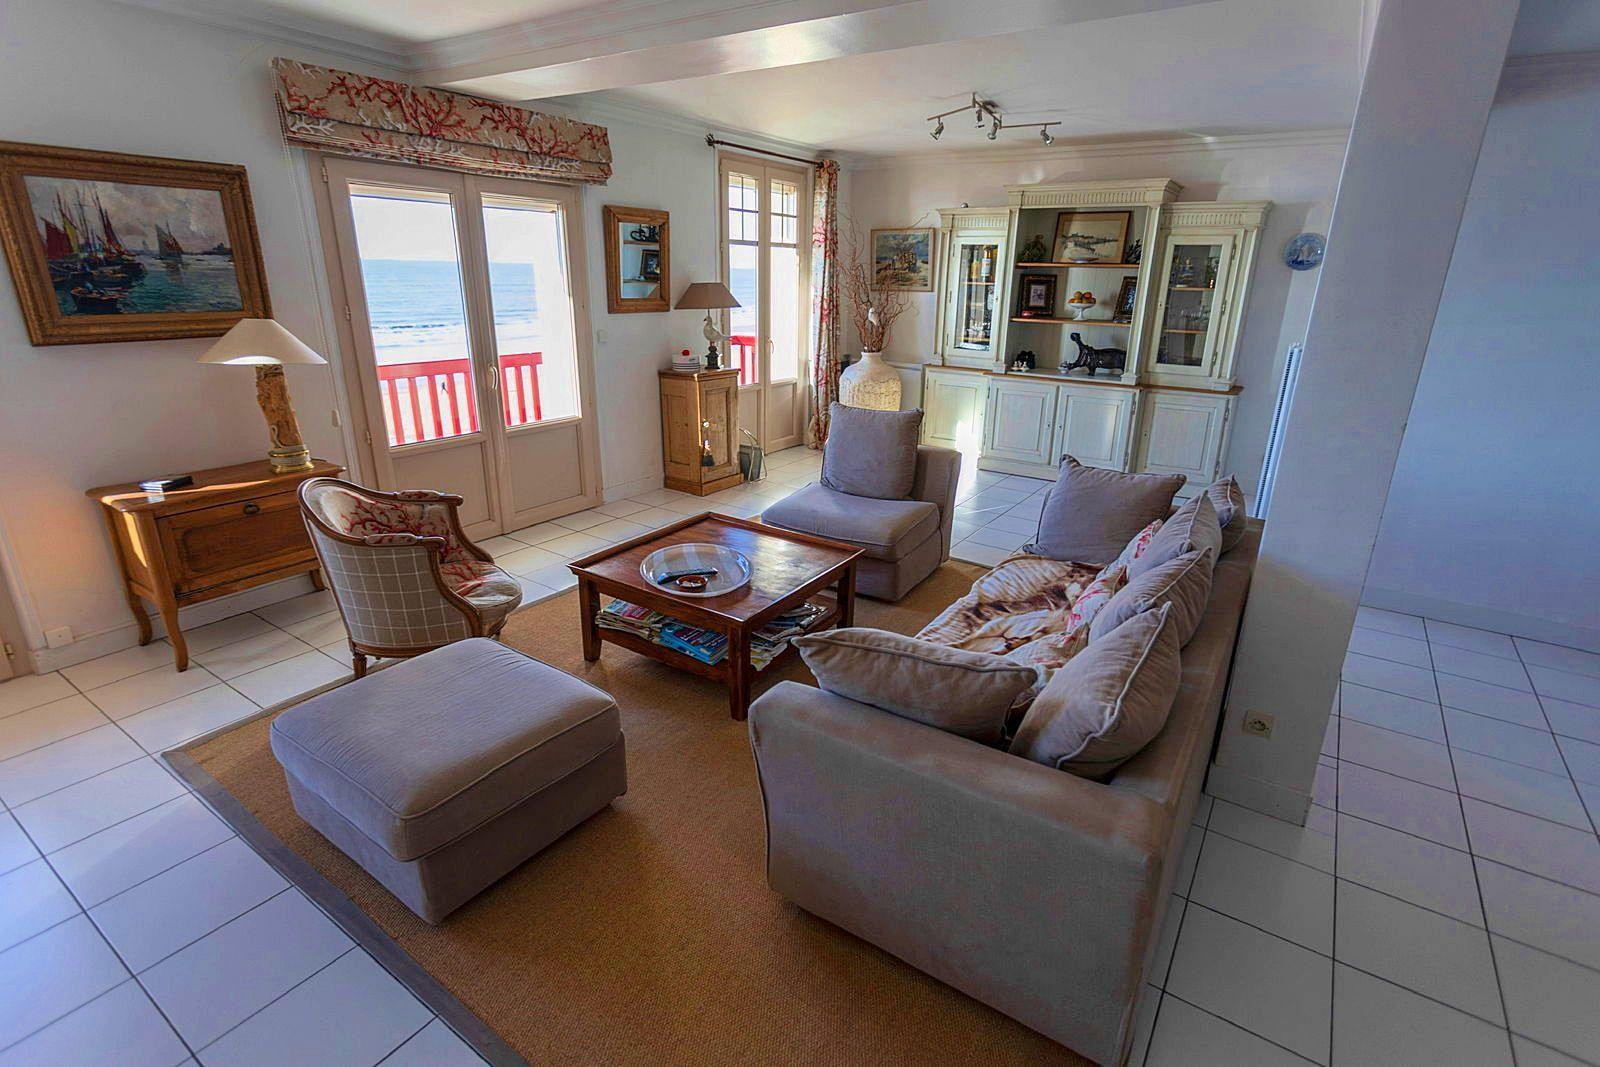 Loue magnifique appartement front de mer - 6couchages - Jullouville (50)